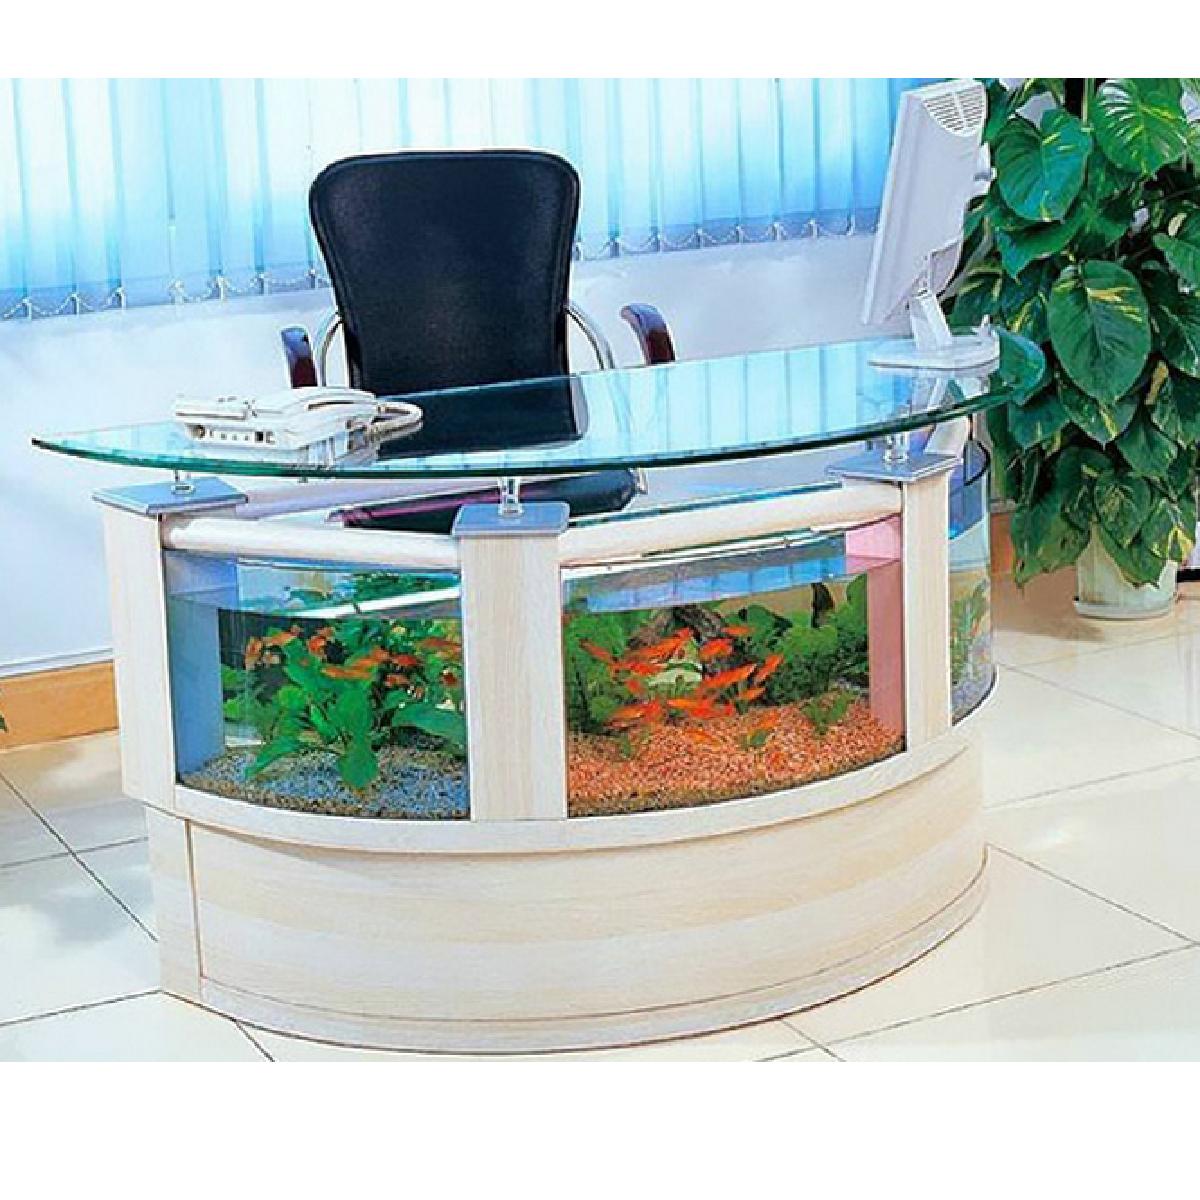 cadeaux 2 ouf id es de cadeaux insolites et originaux des aquariums insolites et originaux. Black Bedroom Furniture Sets. Home Design Ideas